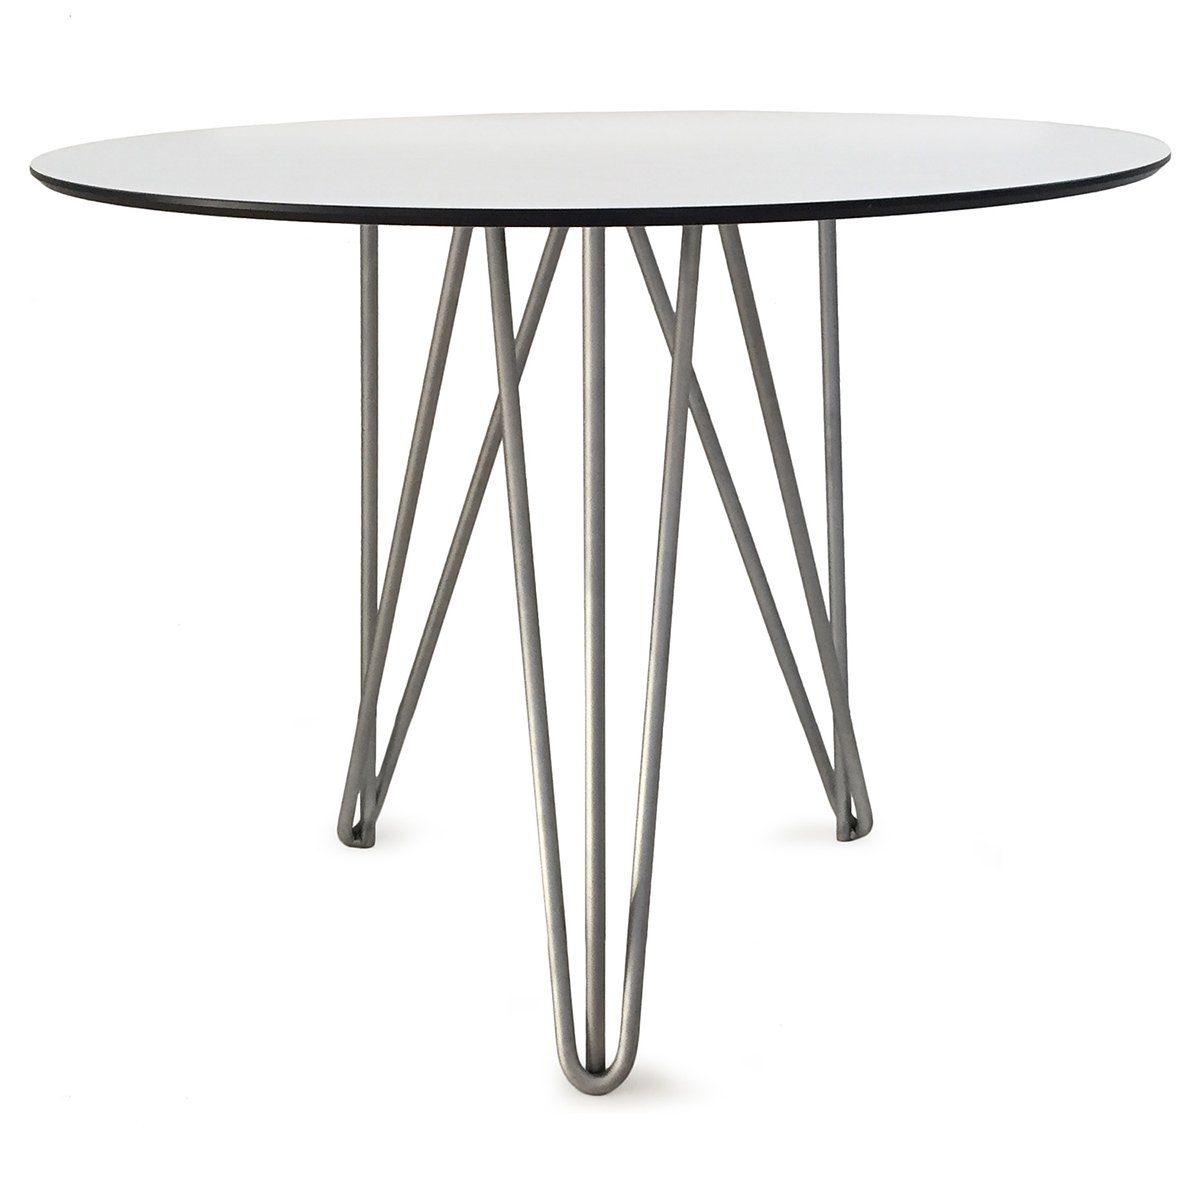 High-tech bord från Grythyttan i varmförsinkad stål och laminat.